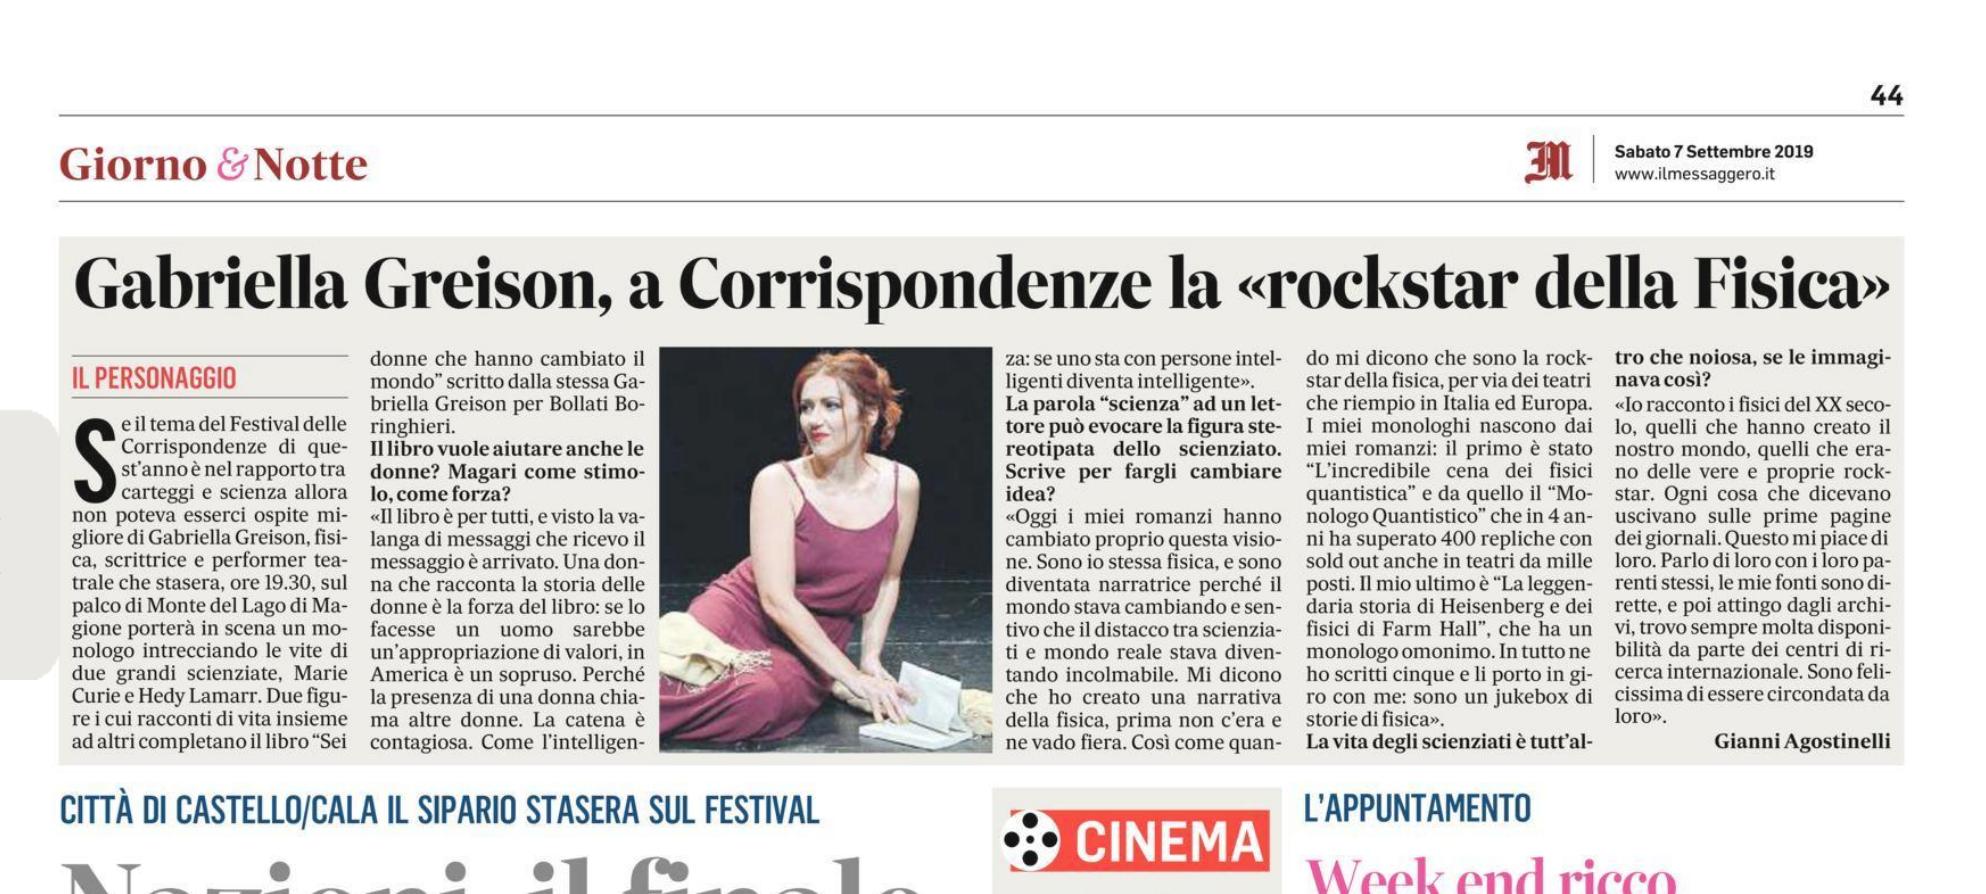 Sul Messaggero! Ci vediamo sabato vicino a Perugia con il mio monologo DUE DONNE AI RAGGI X – MARIE CURIE E HEDY LAMARR, VE LE RACCONTO IO… e poi altre novità!